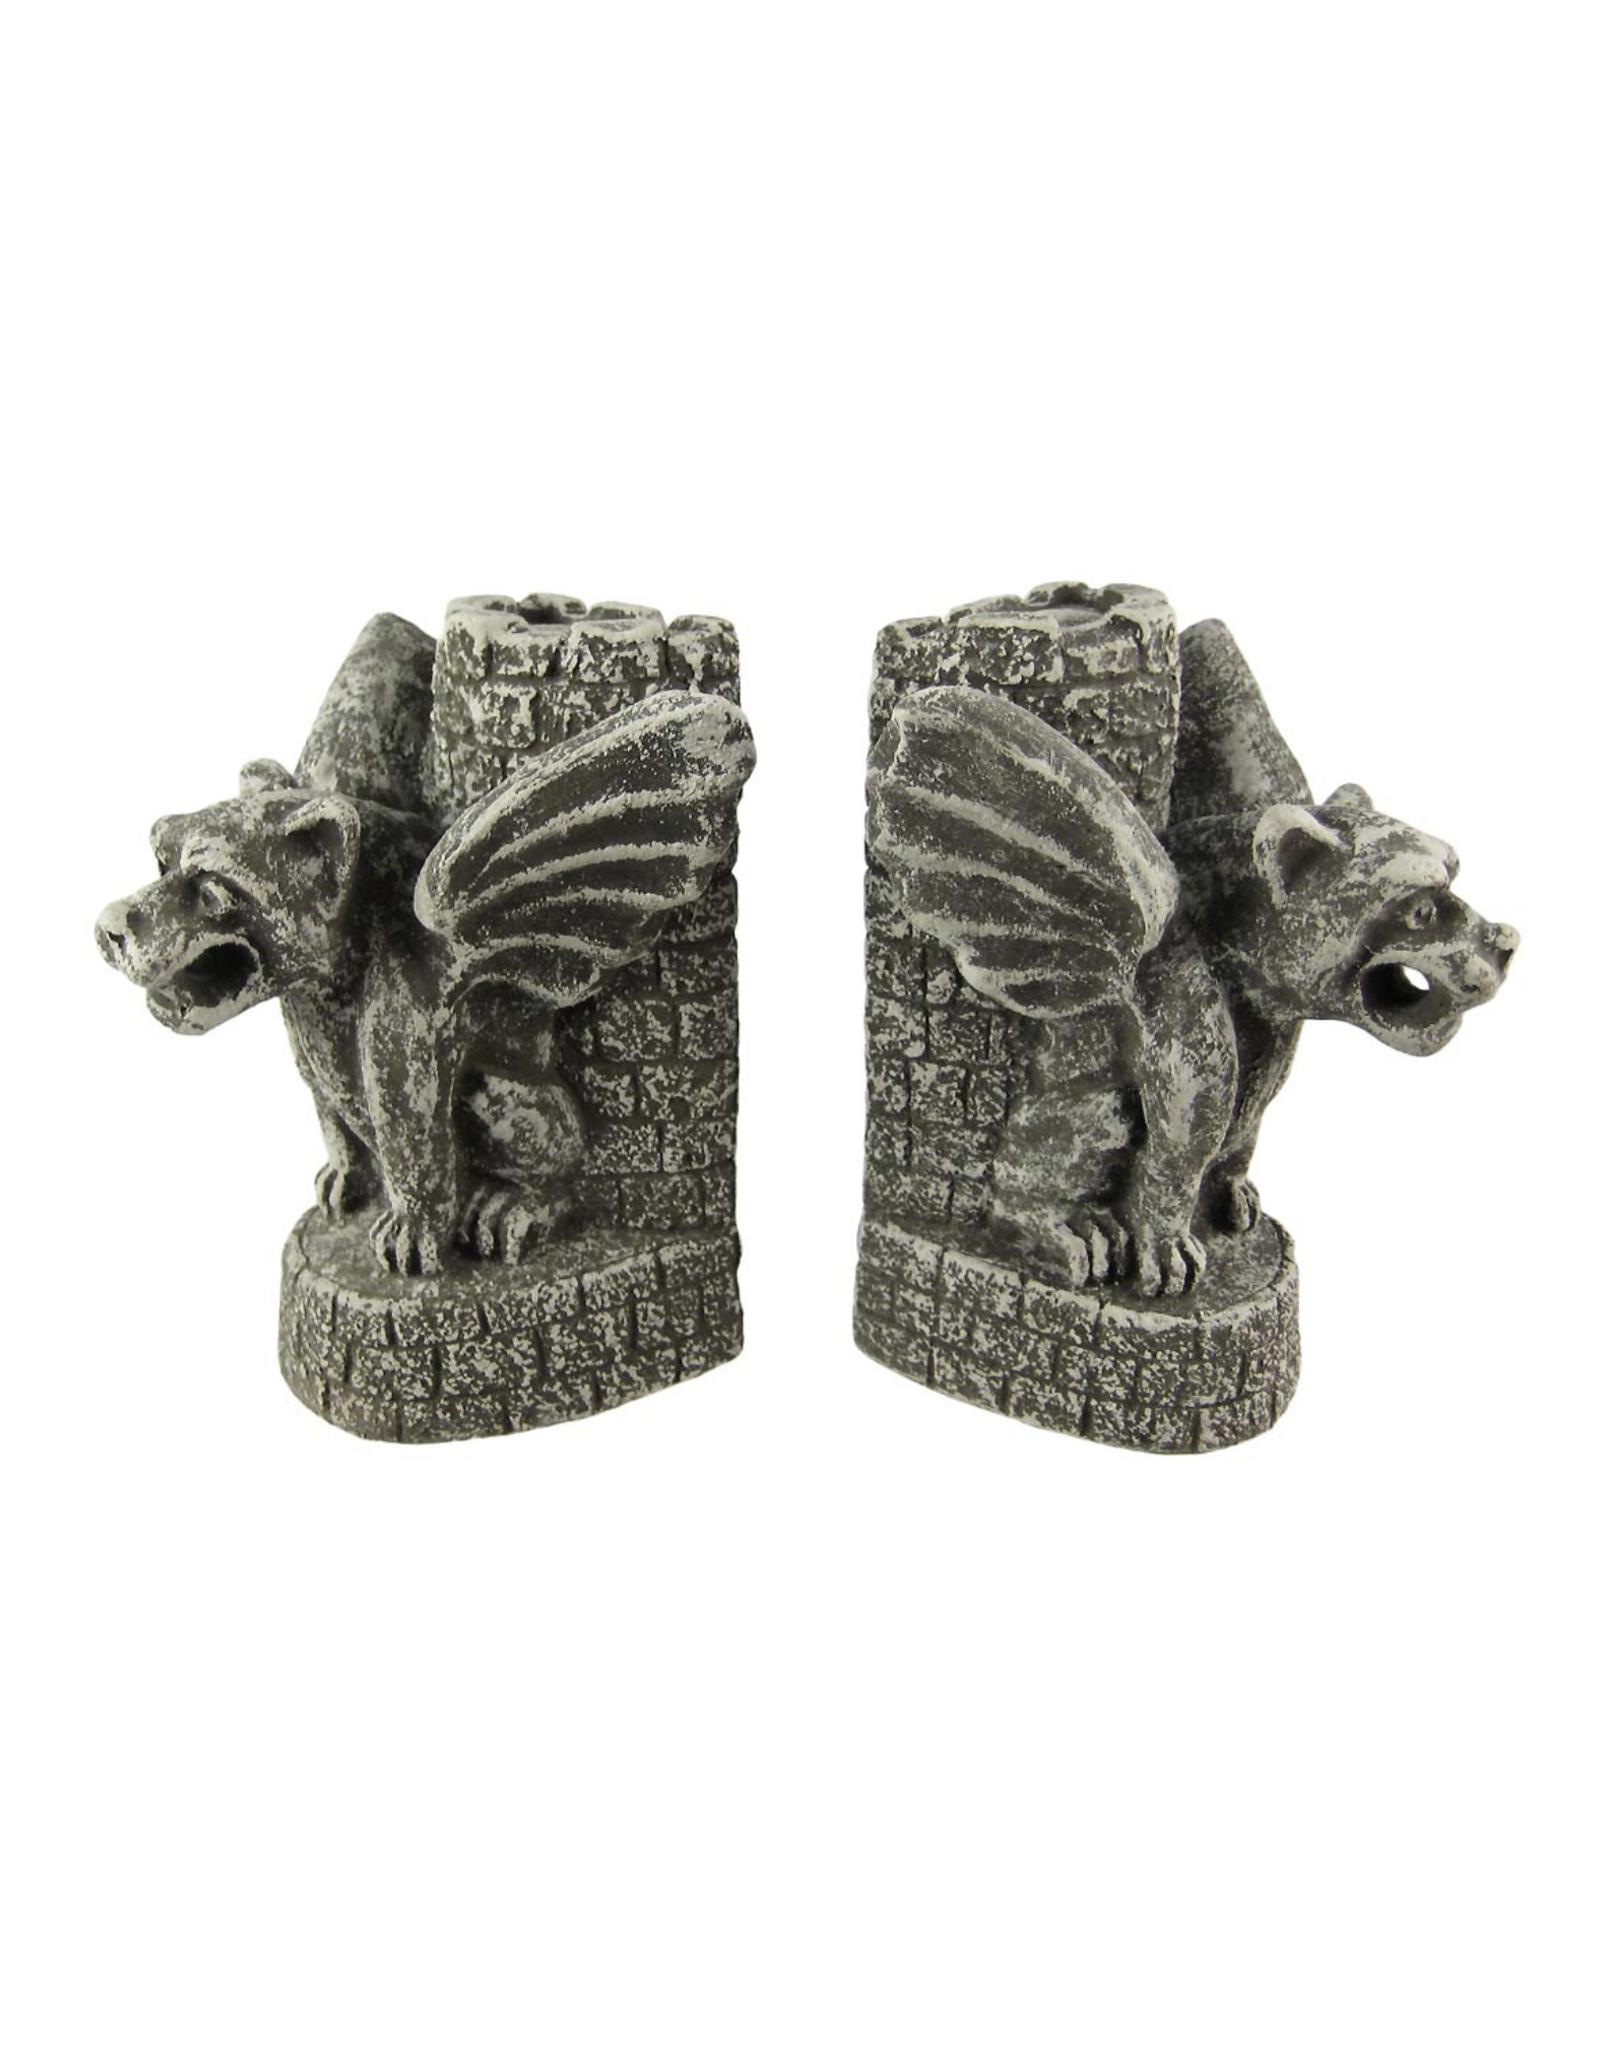 Gargoyle Bookends - Castle Guardians